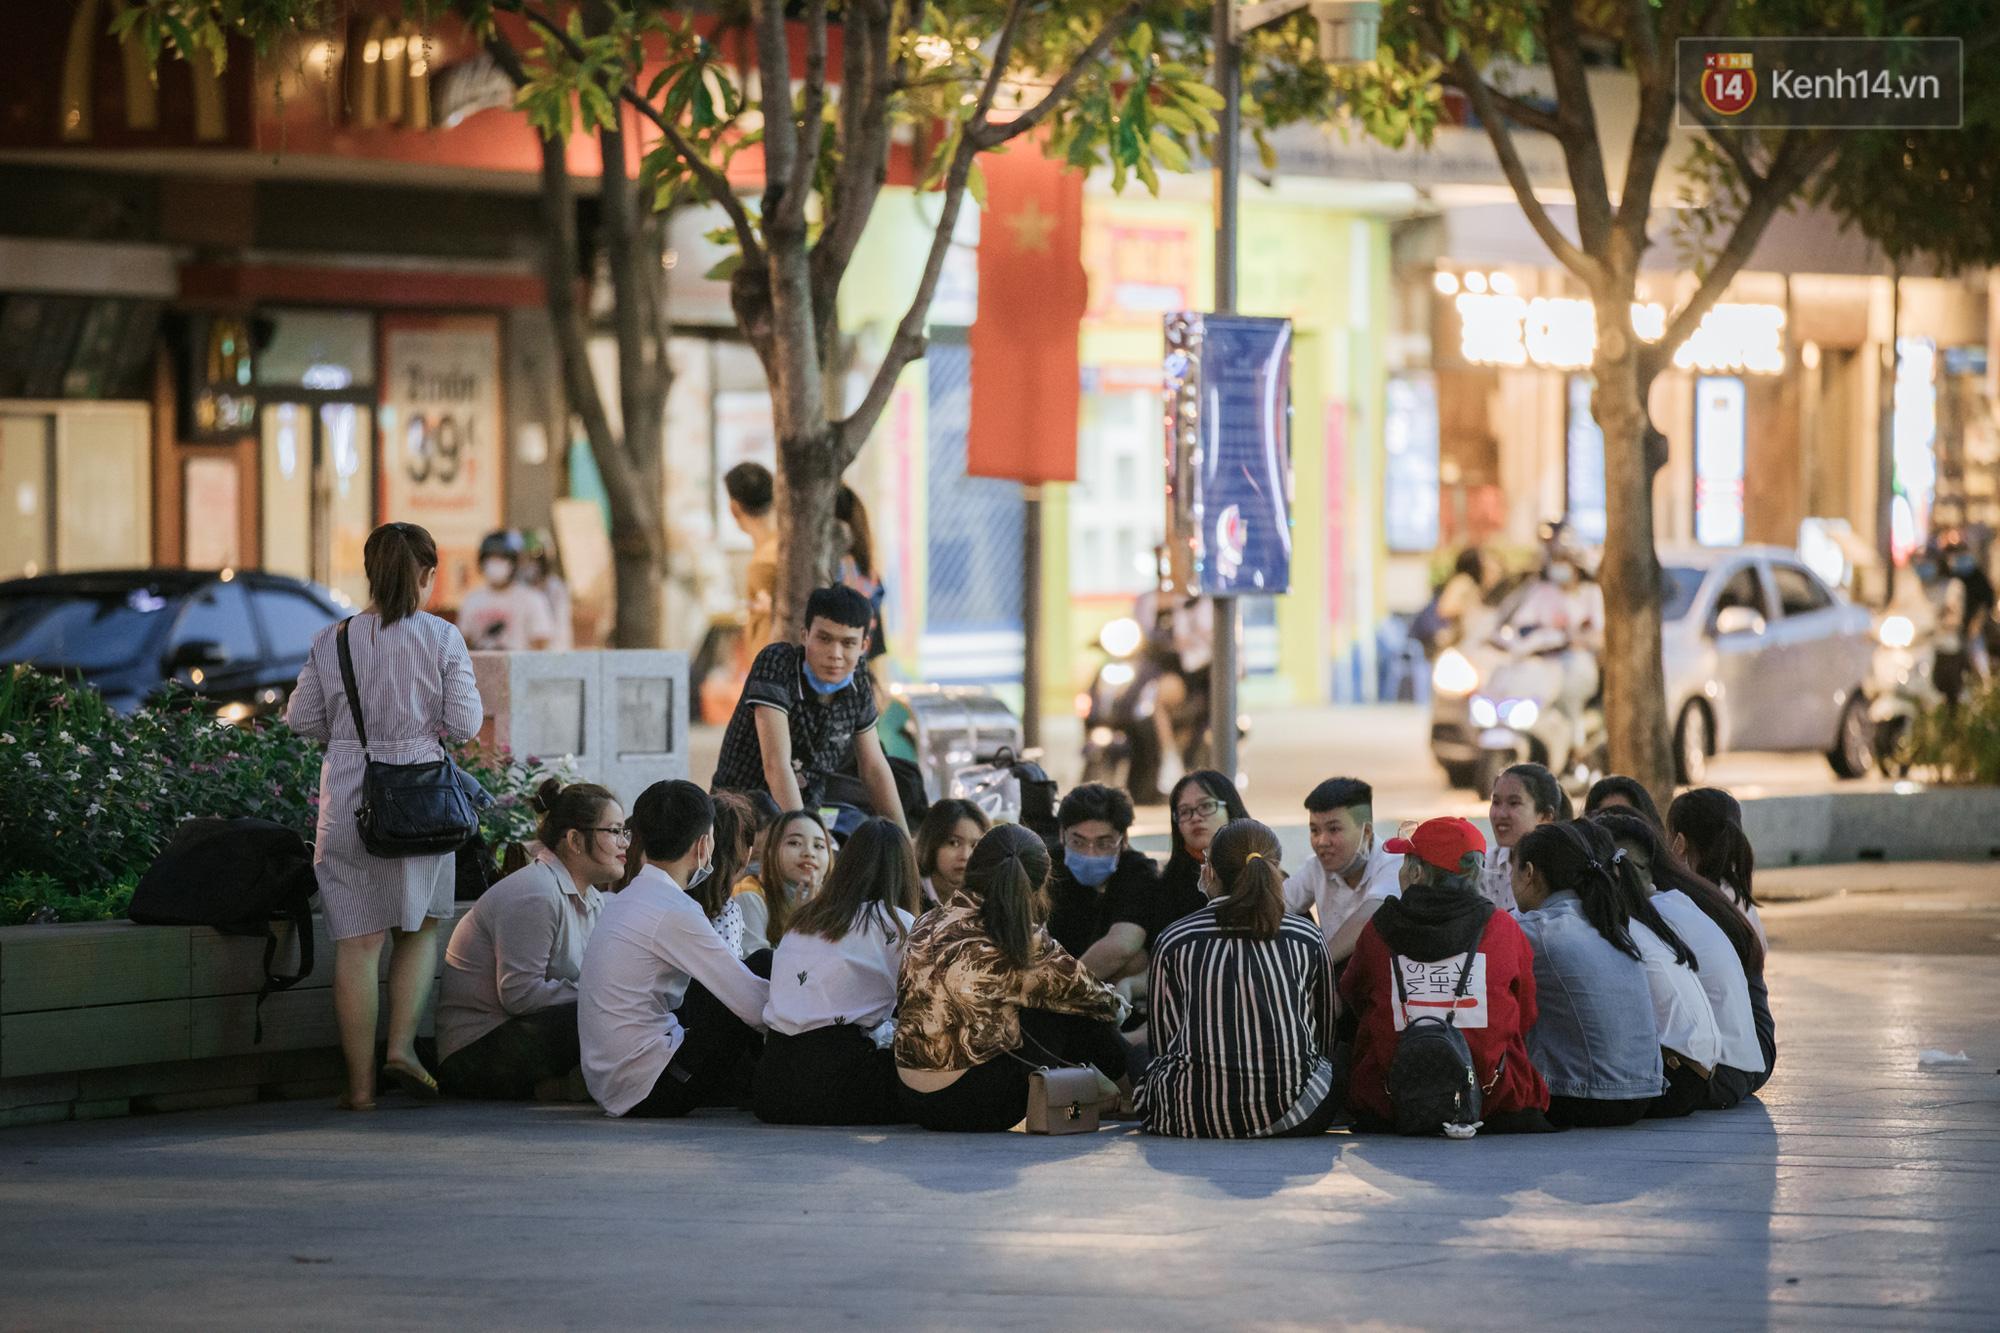 Sài Gòn nhộn nhịp trong buổi tối nghỉ lễ đầu tiên: Khu vực trung tâm dần trở nên đông đúc, nhiều người lo sợ vẫn 'kè kè' chiếc khẩu trang bên mình Ảnh 3